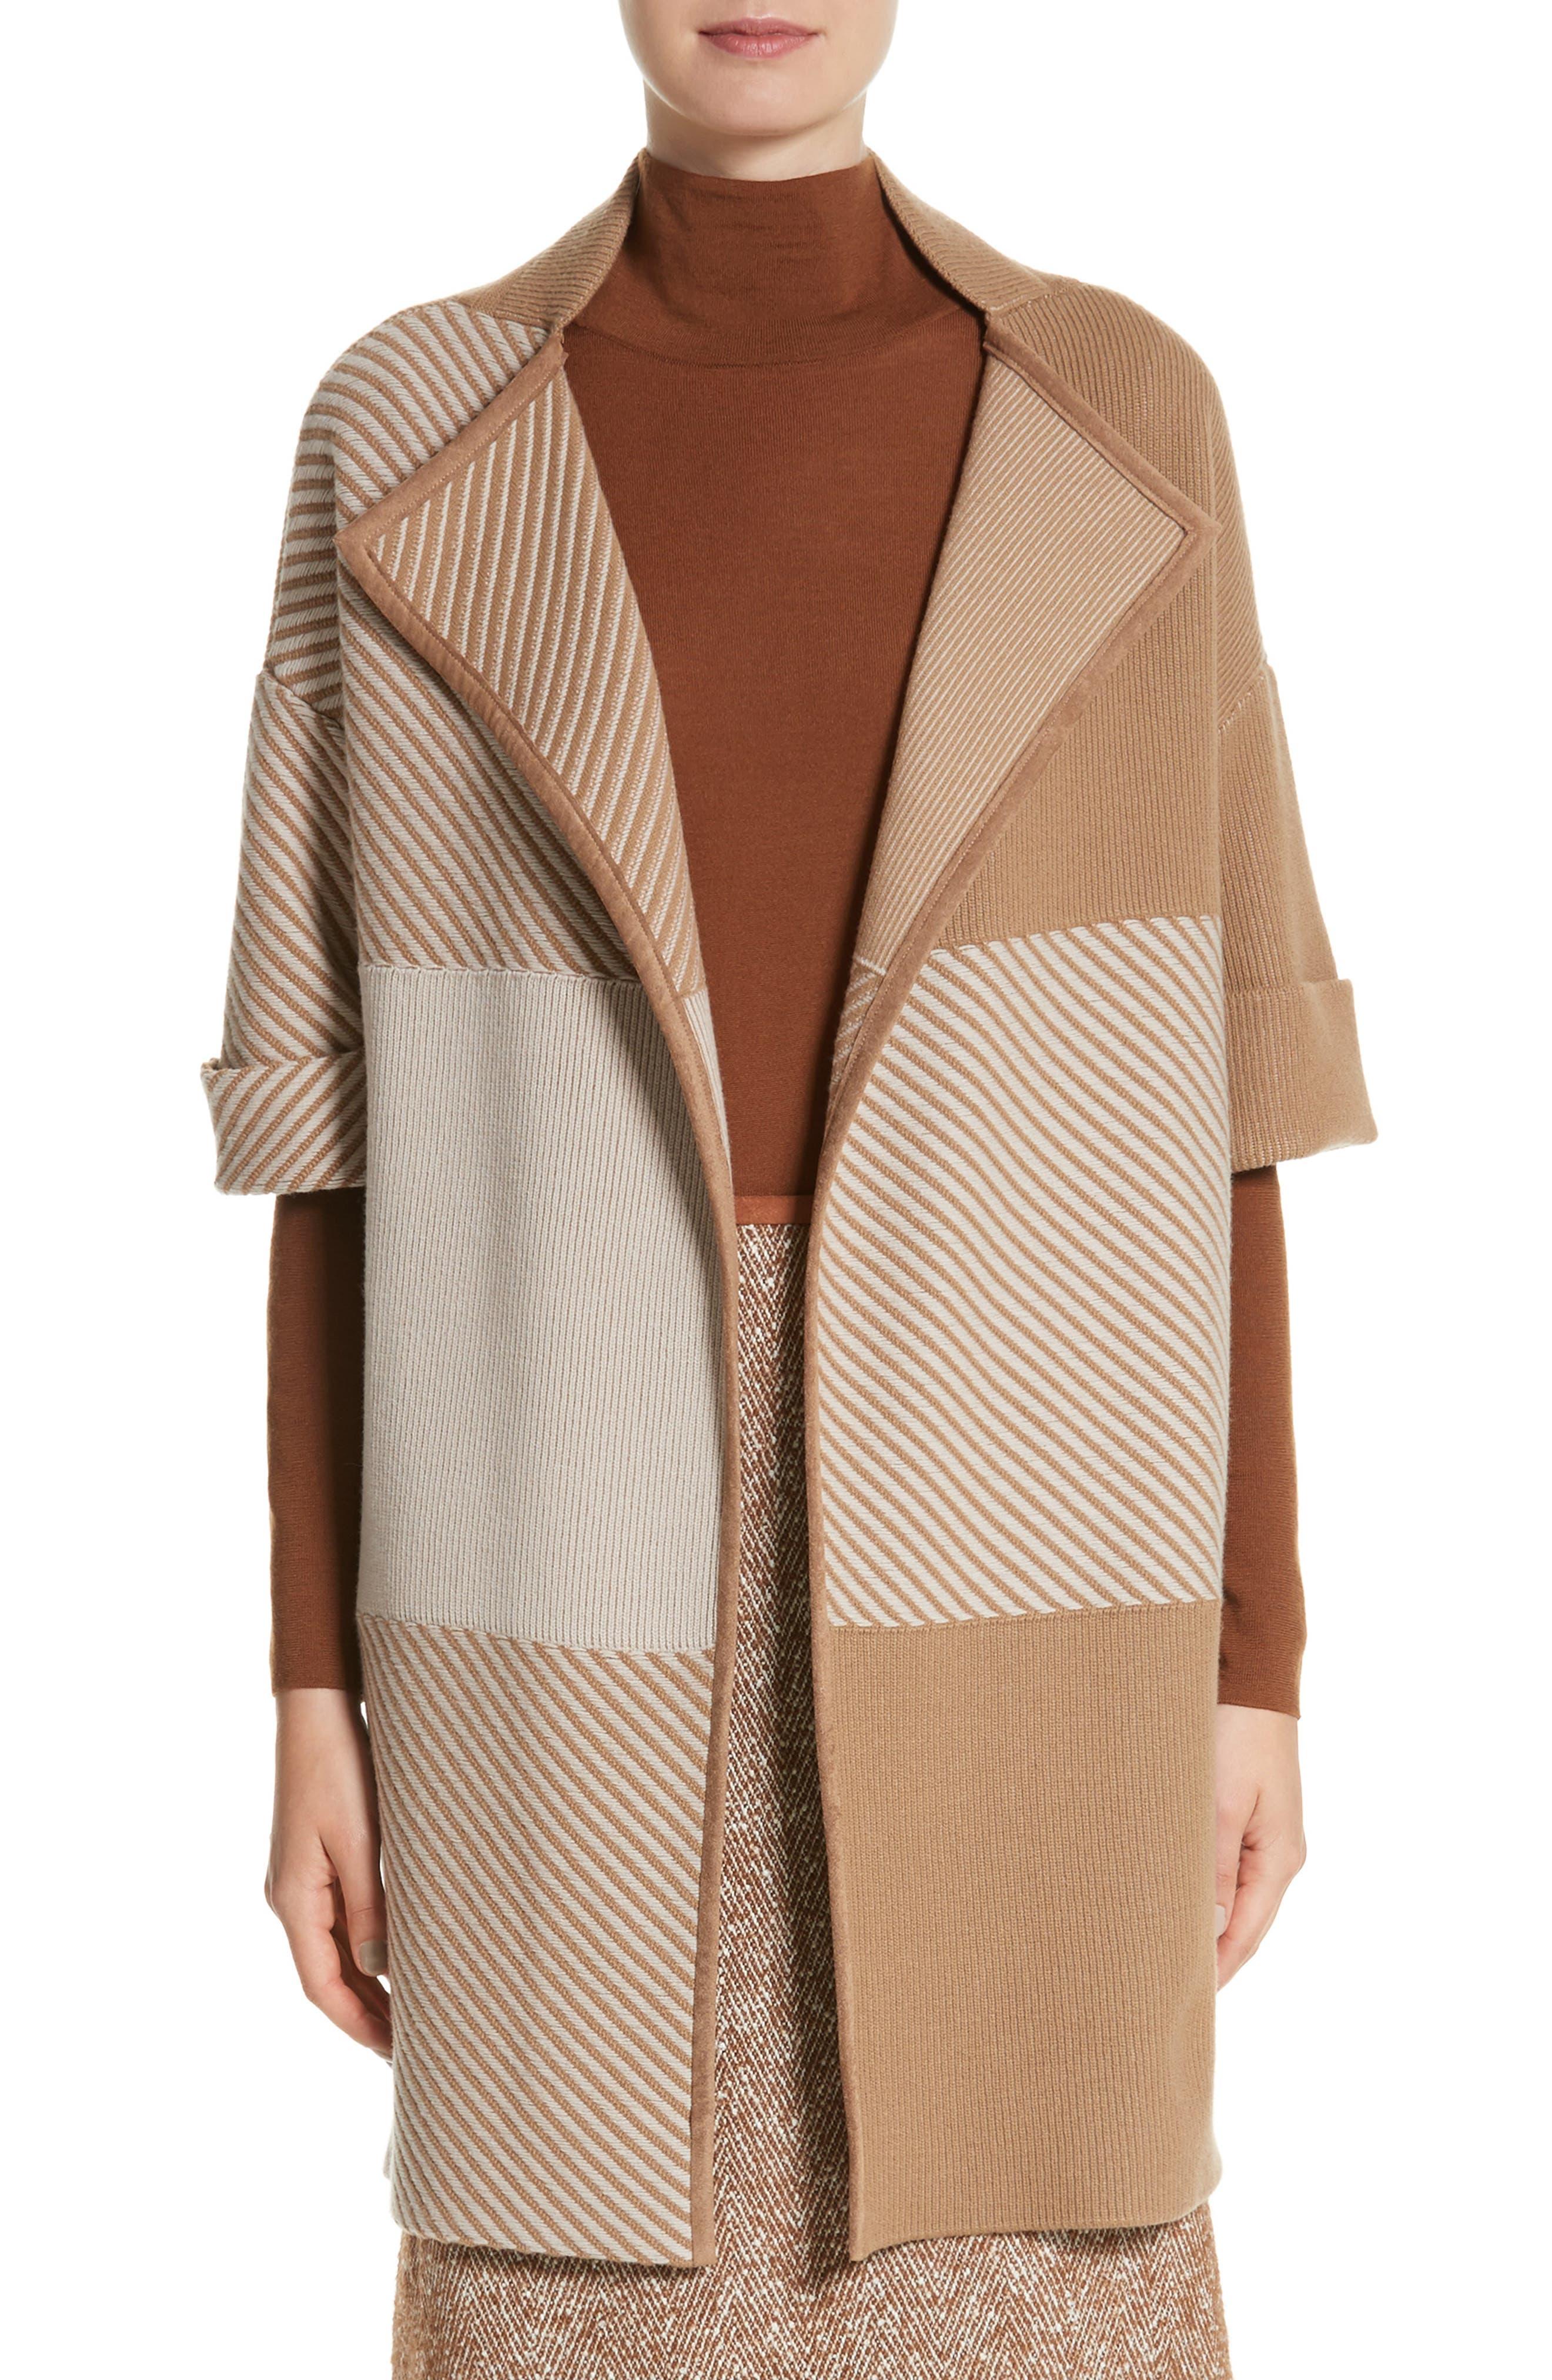 Flannel Bicolor Jacquard Coat,                             Main thumbnail 1, color,                             200